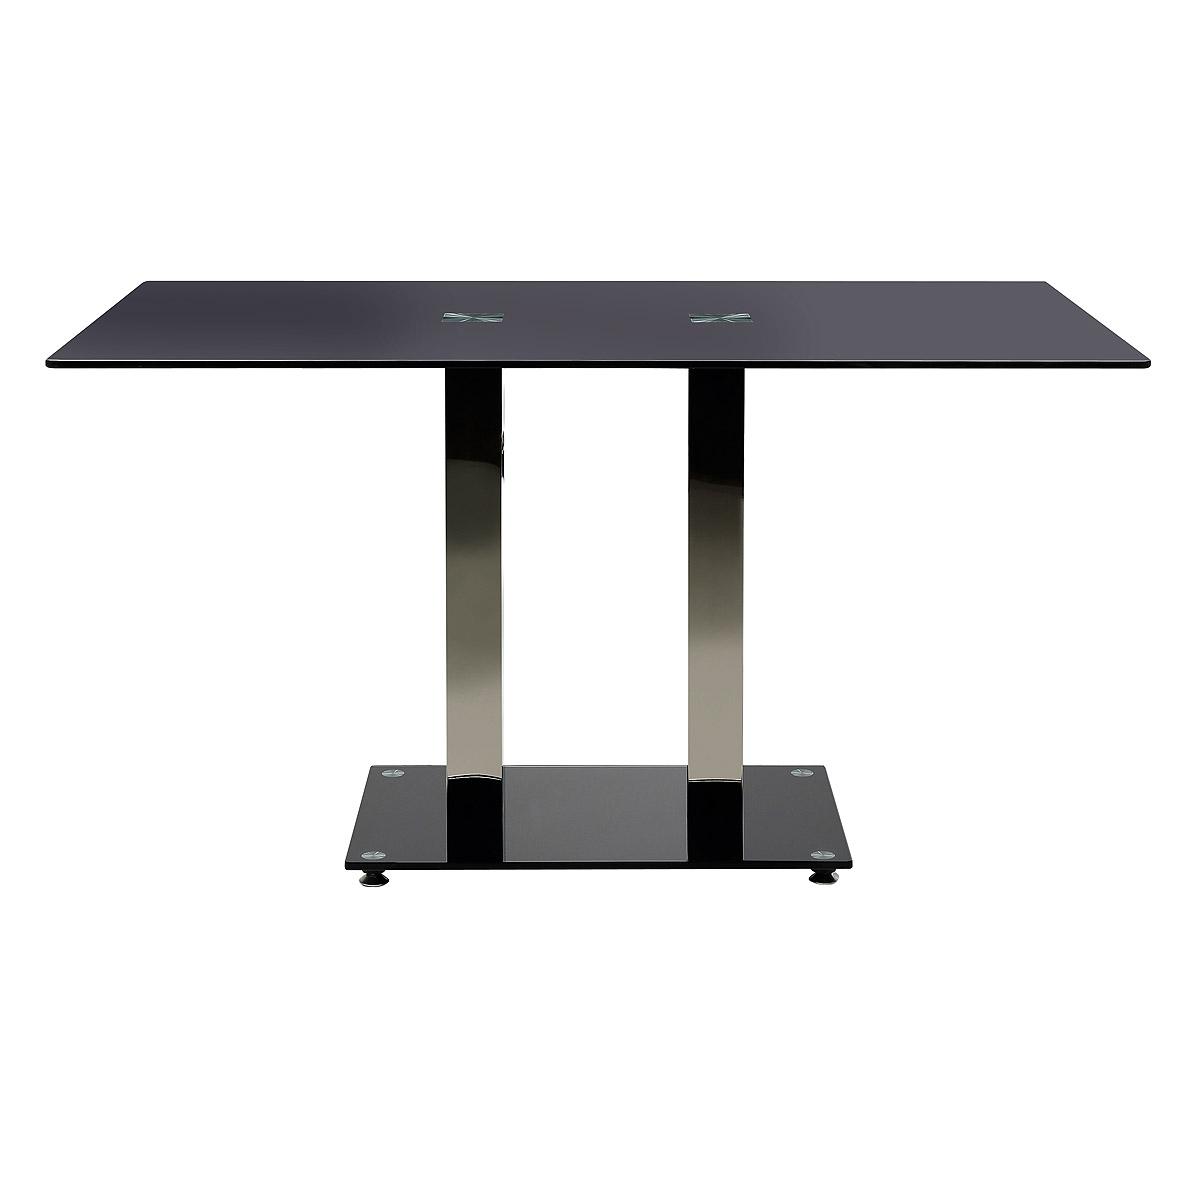 Esstisch elkin esszimmertisch k chentisch 140x80 schwarz for Esszimmertisch glas